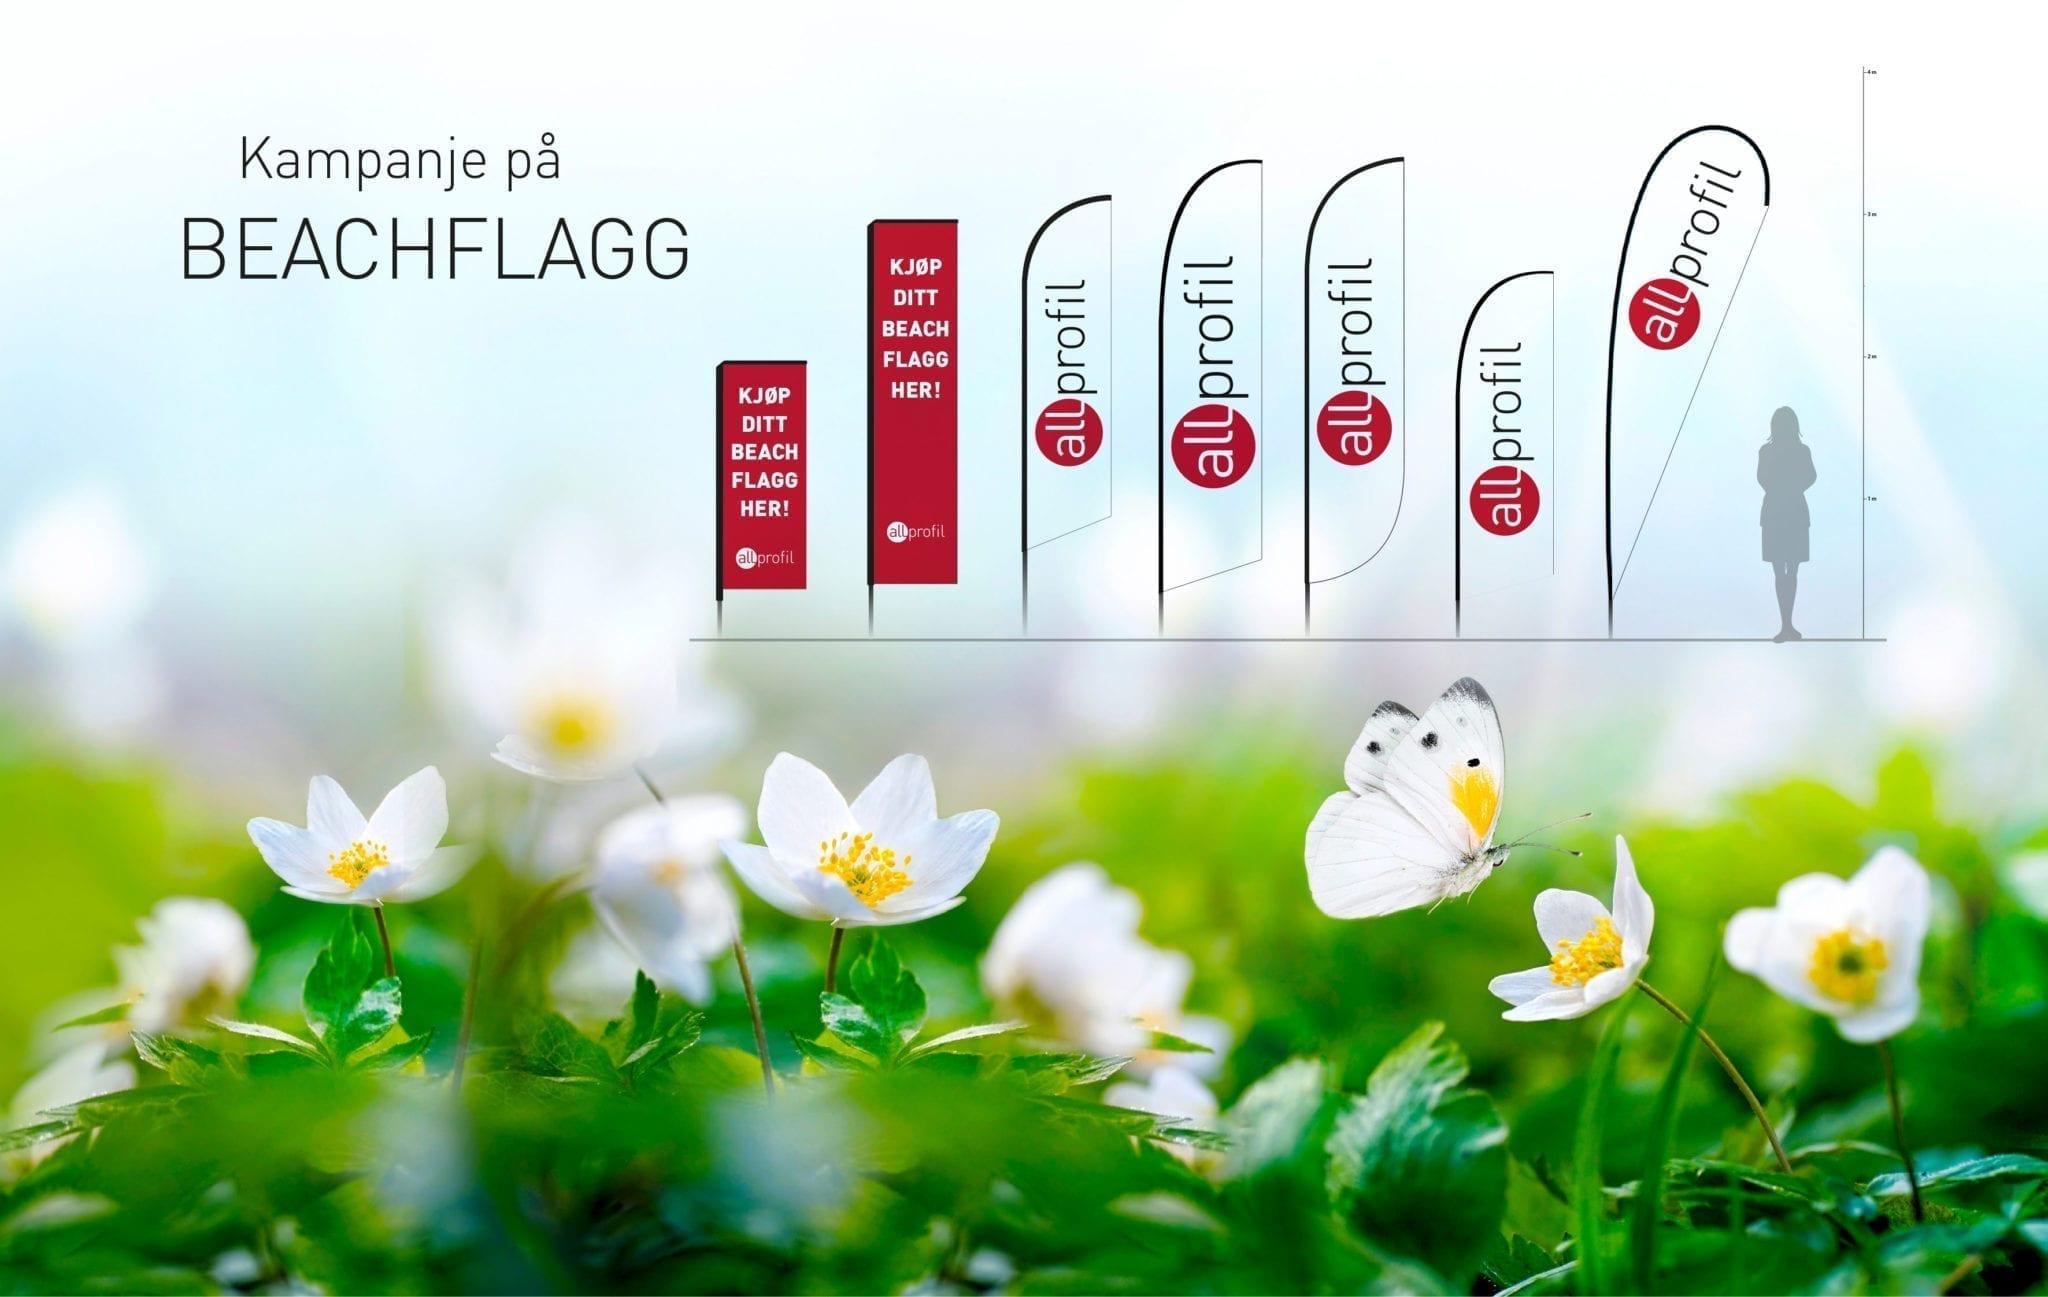 Annonsebilde av beachflagg - Allprofil AS - Trykksaker - Profilering - Klær - Digital skilting - Tjenester - Kontakt